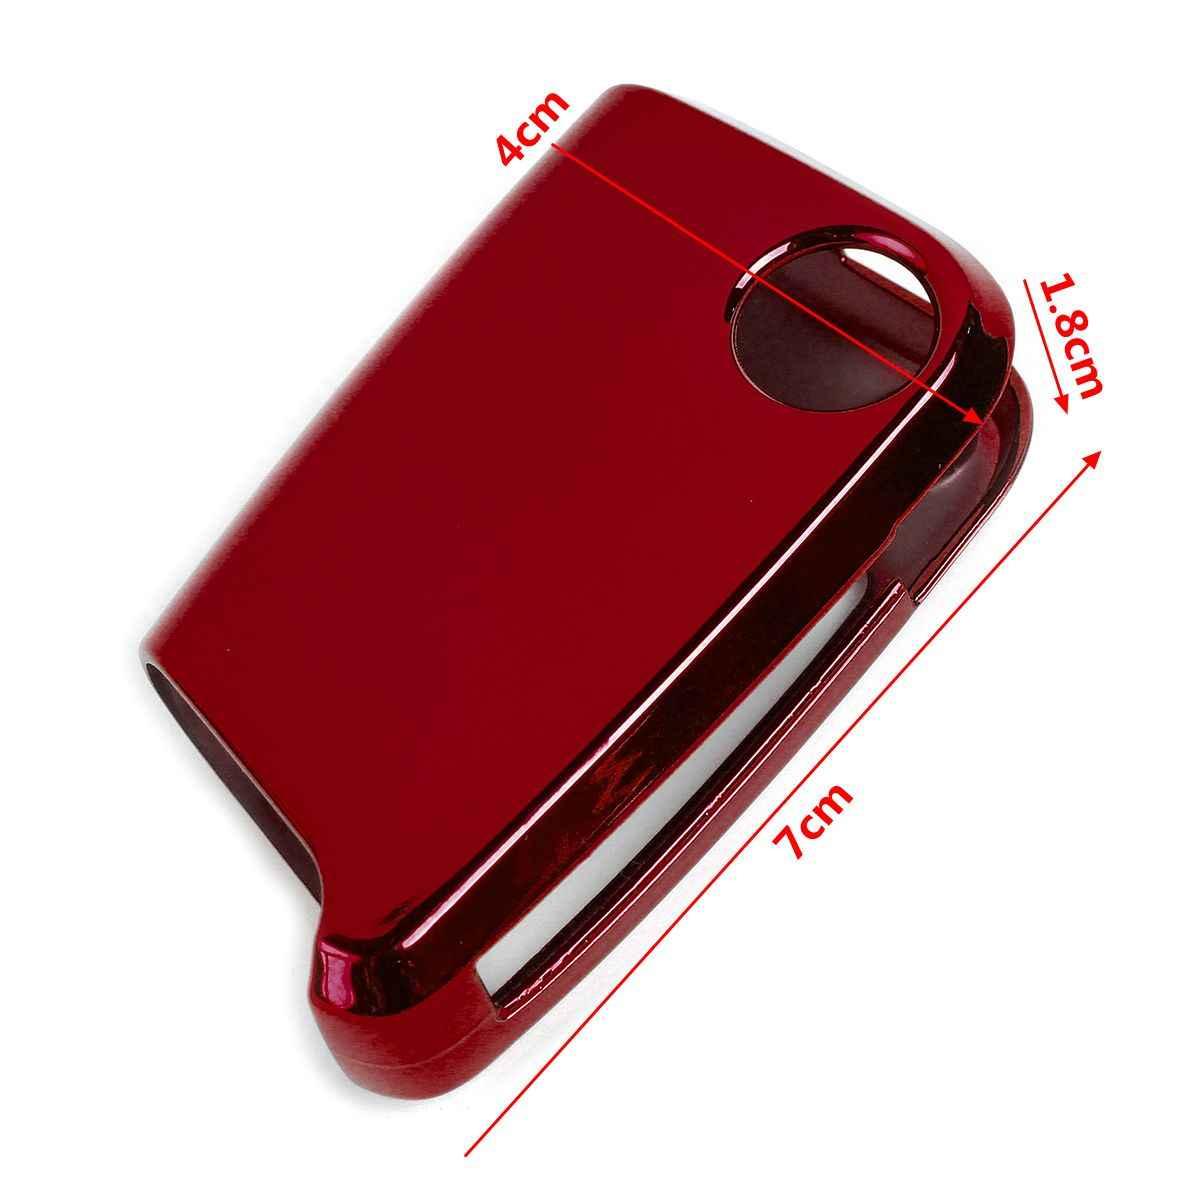 Новый ТПУ дистанционного защитить Крышка чехла ключевой мешок/чехол для ключей/ключ покрытие подходит для Volkswagen для VW TIGUAN Гольф для Skoda Octavia